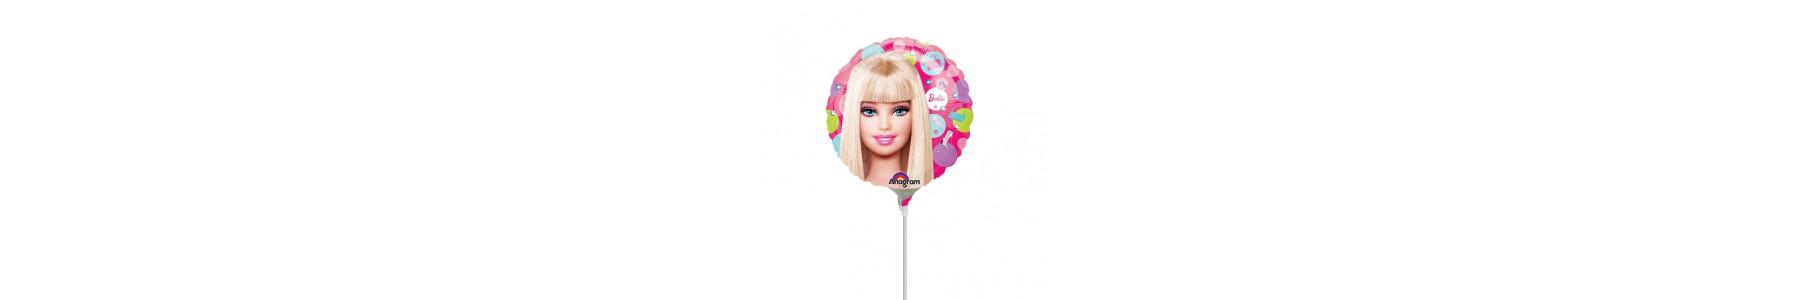 Baloane mini folie cu personaje